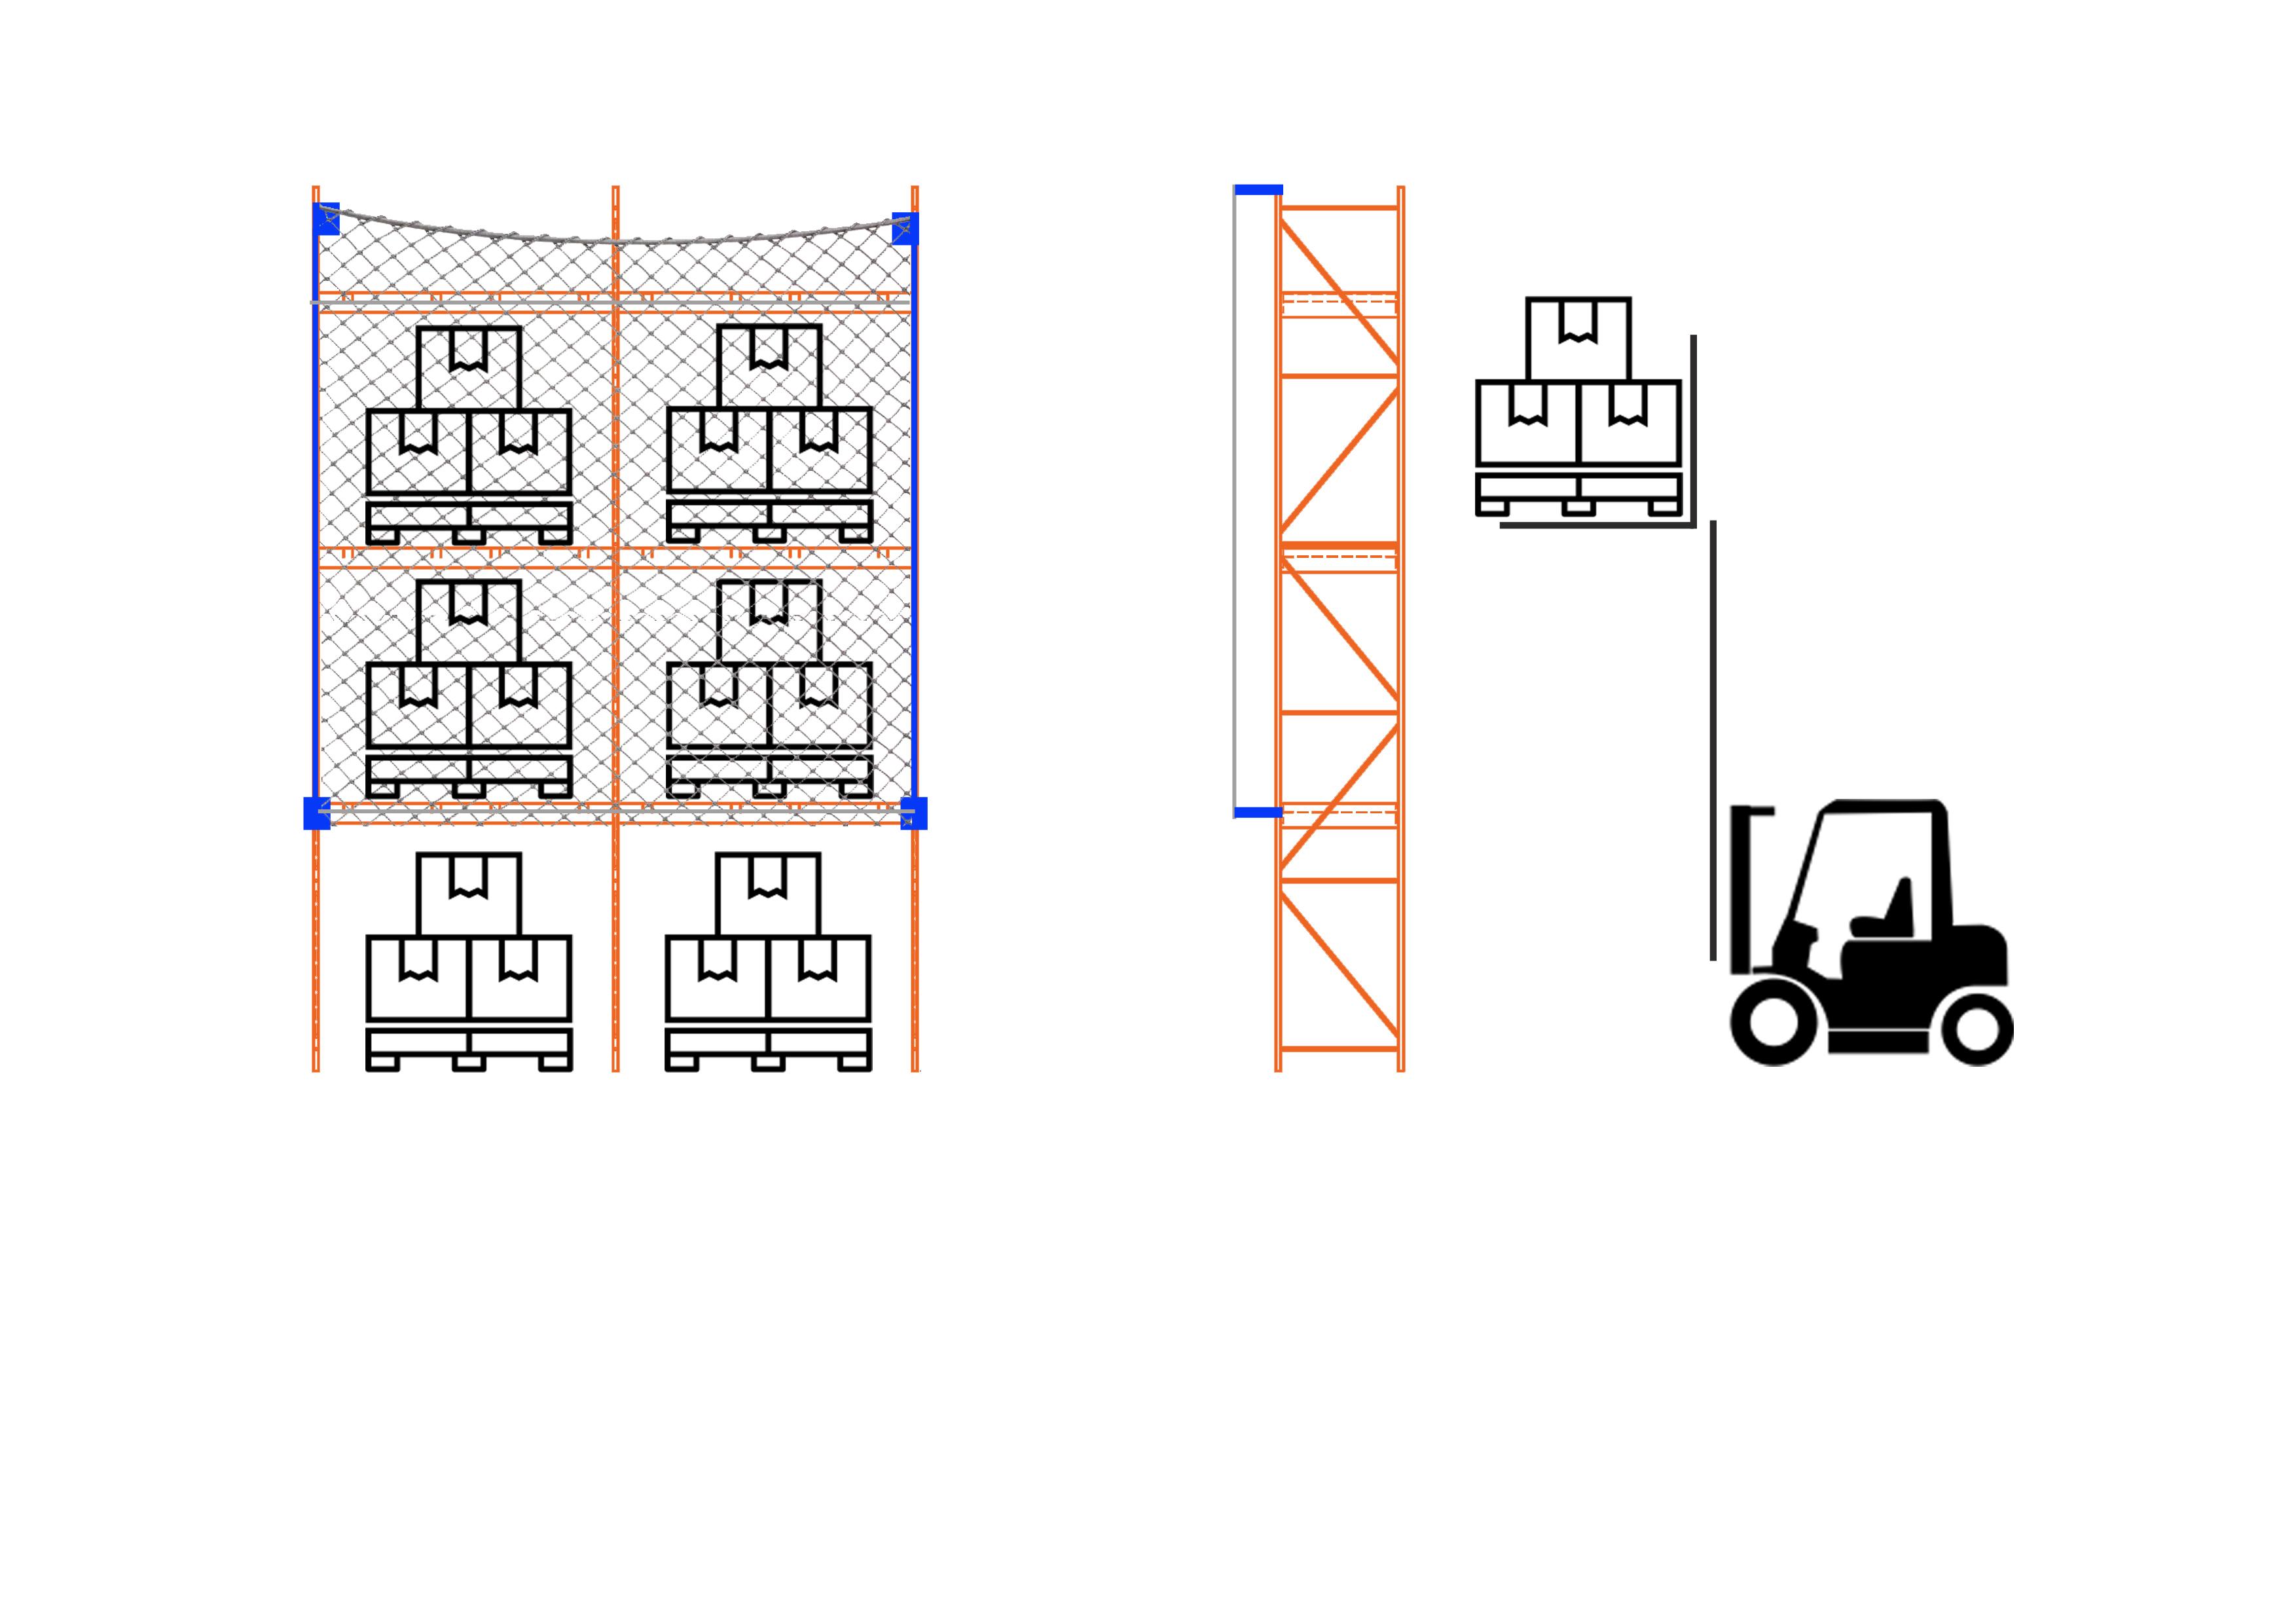 2 Bay Standard Offset Rack Netting